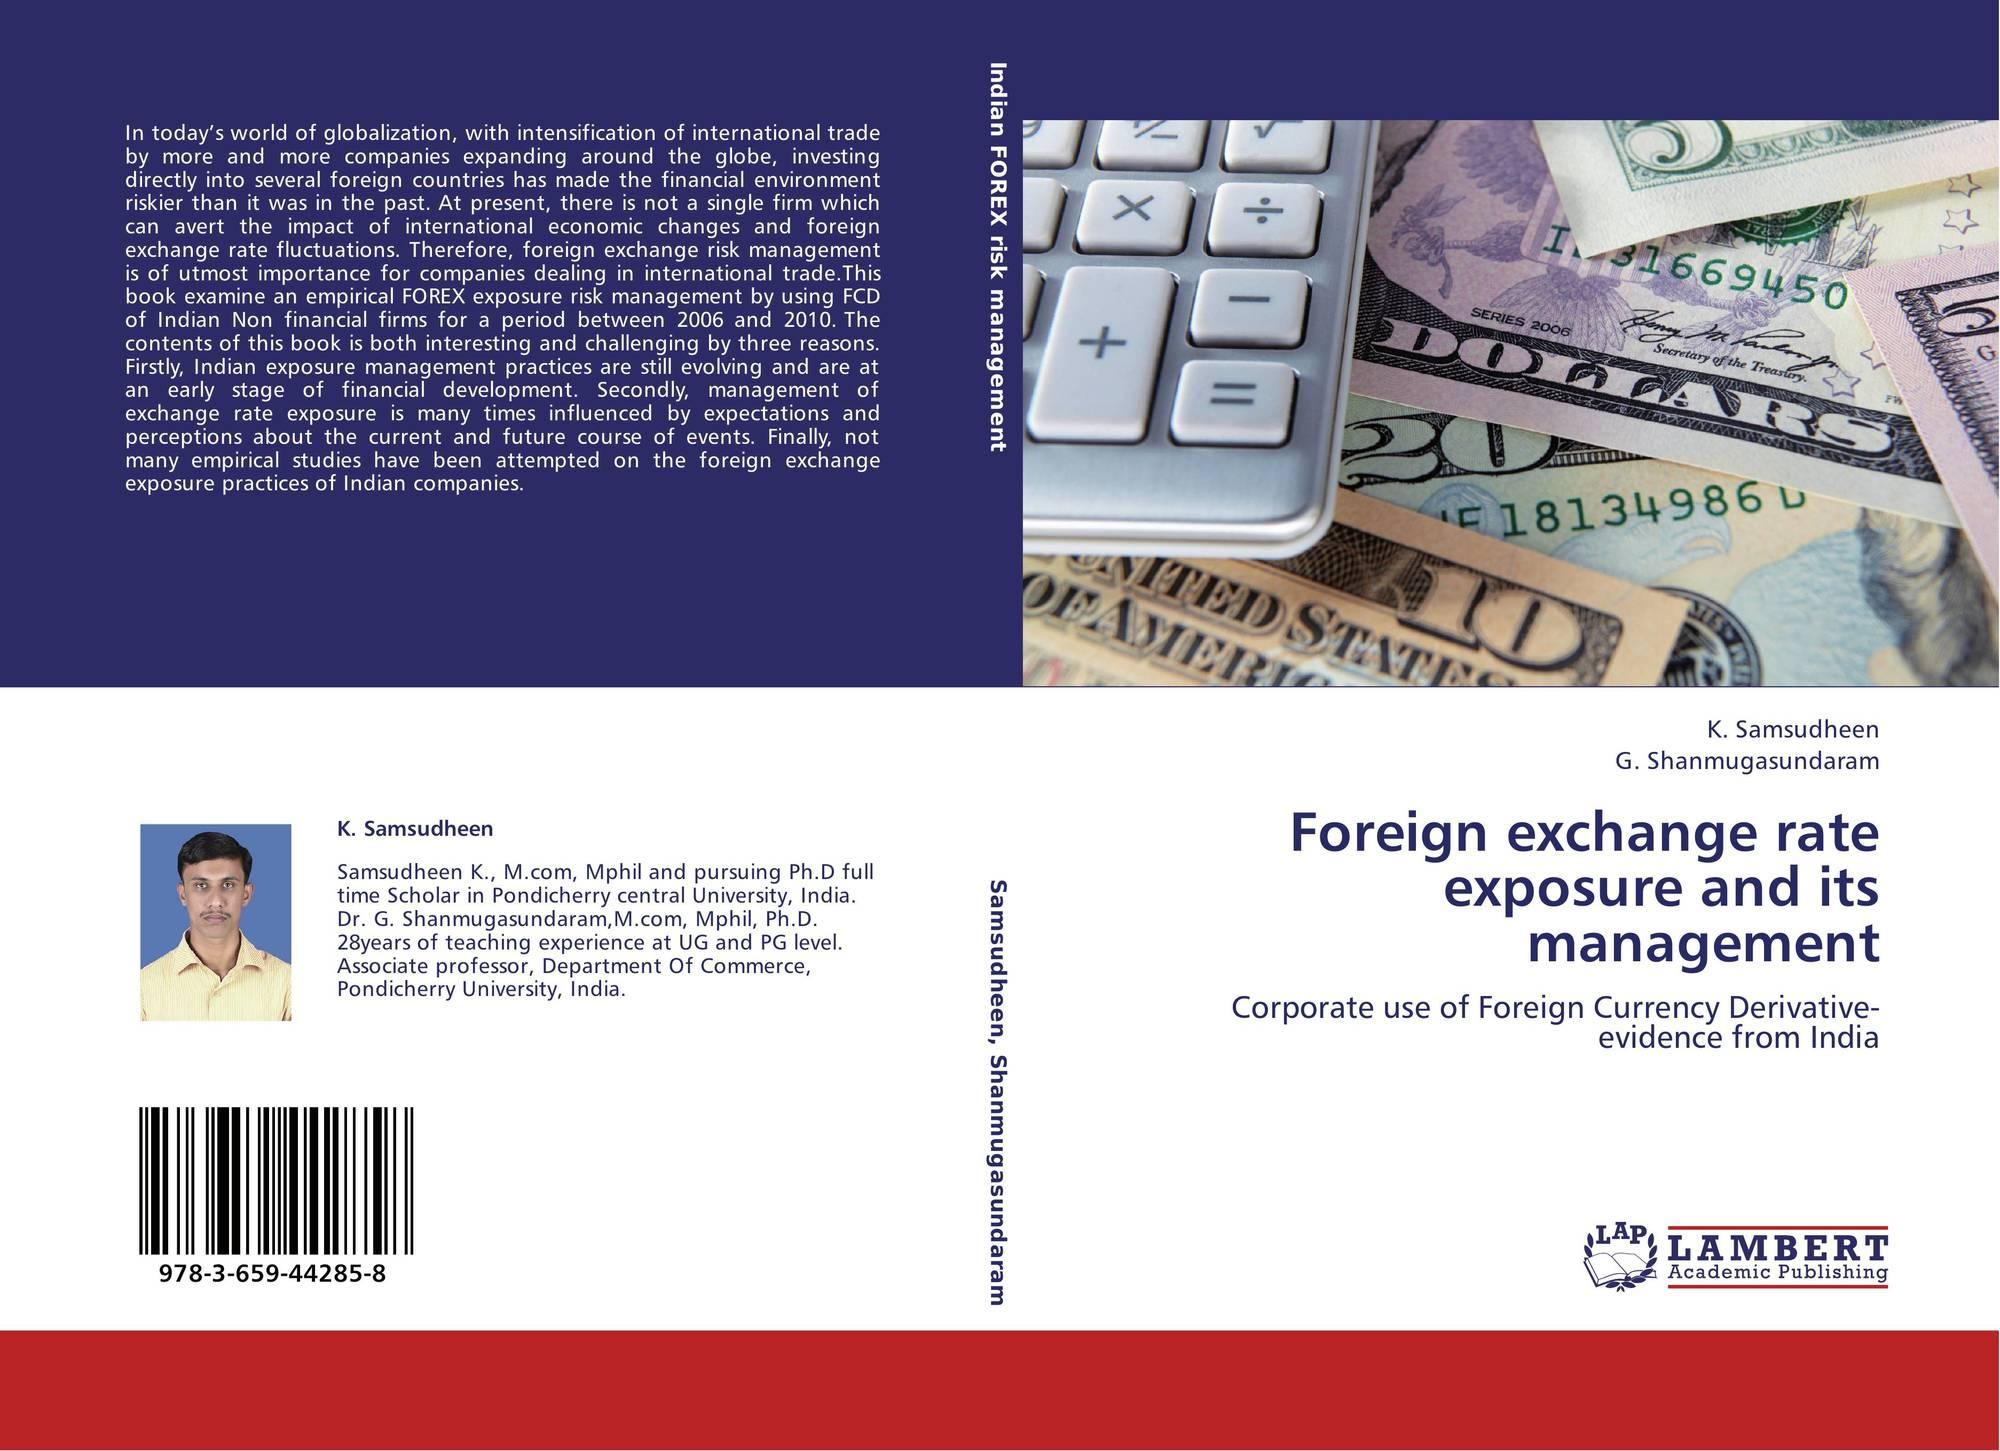 Forex exchange derivatives